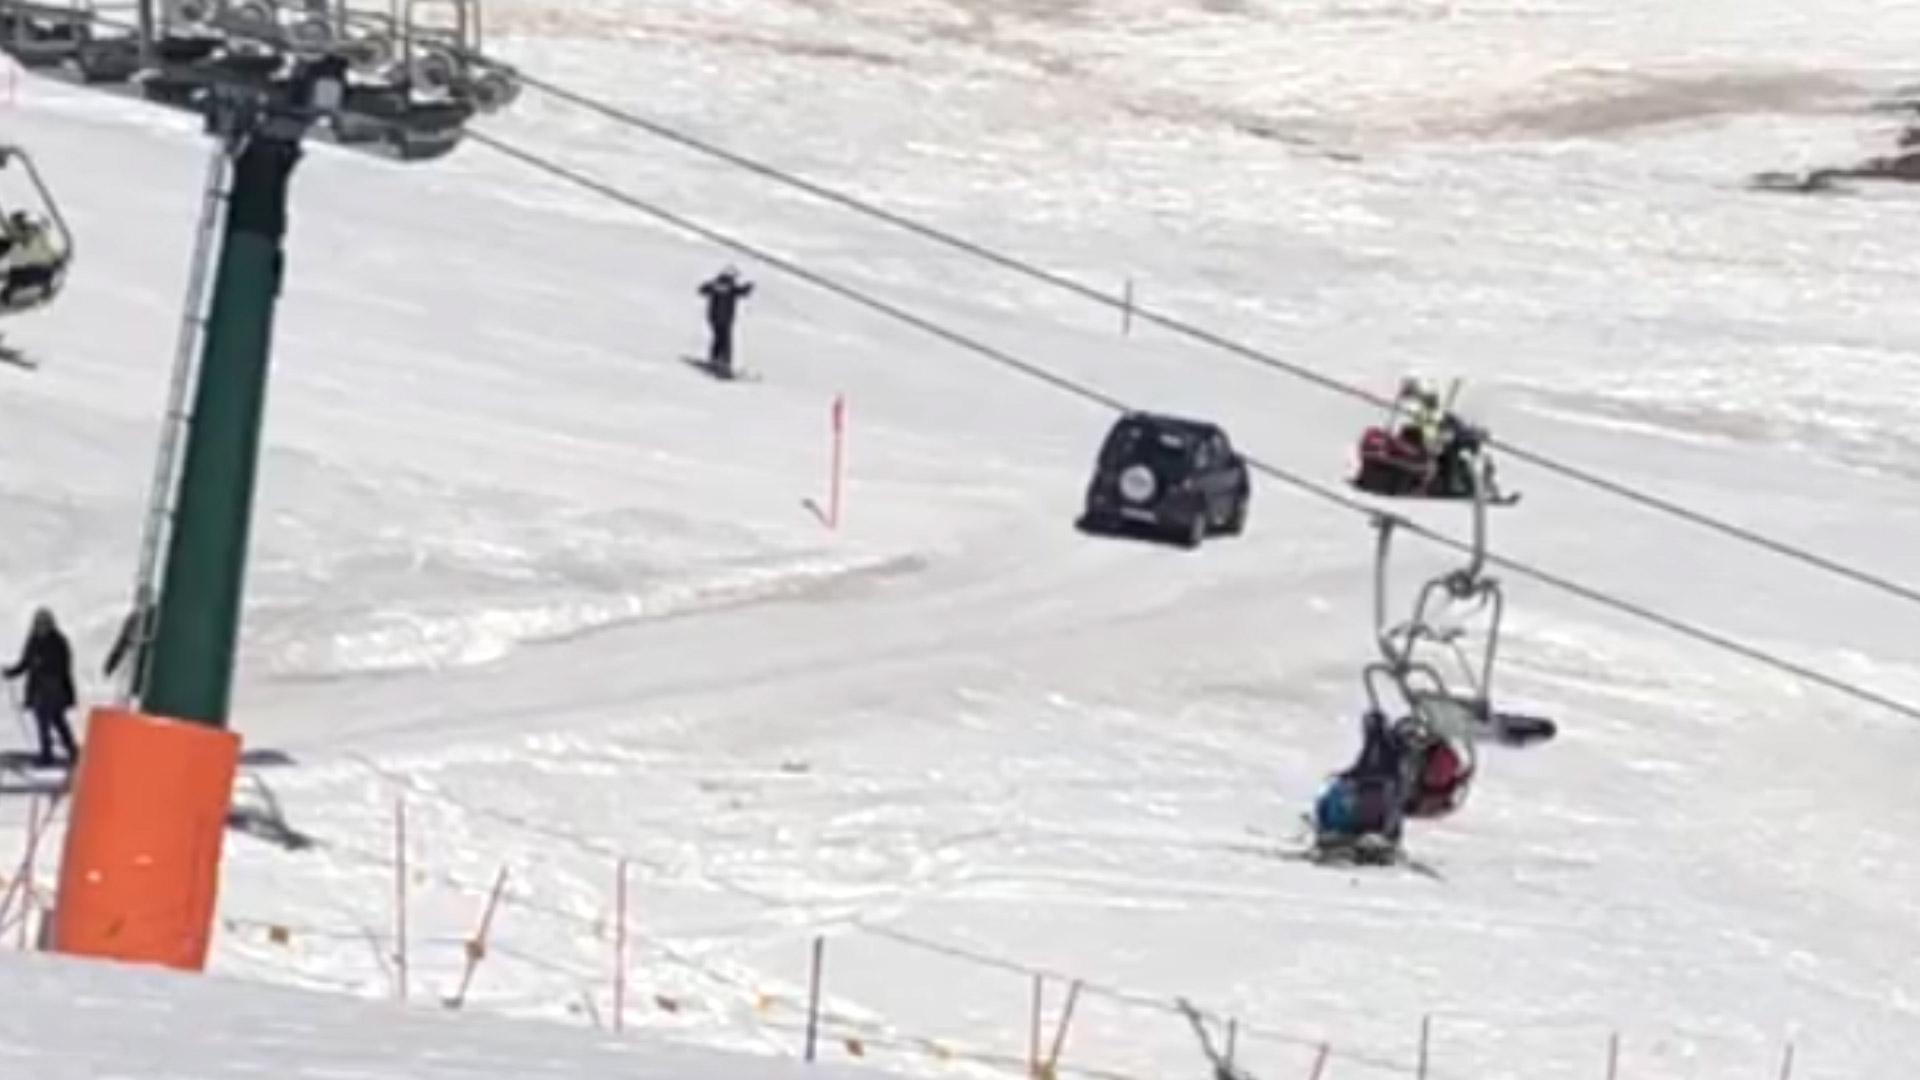 Anziano di 91 anni con la jeep in mezzo alla pista da sci. «Volevo andare al ristorante»